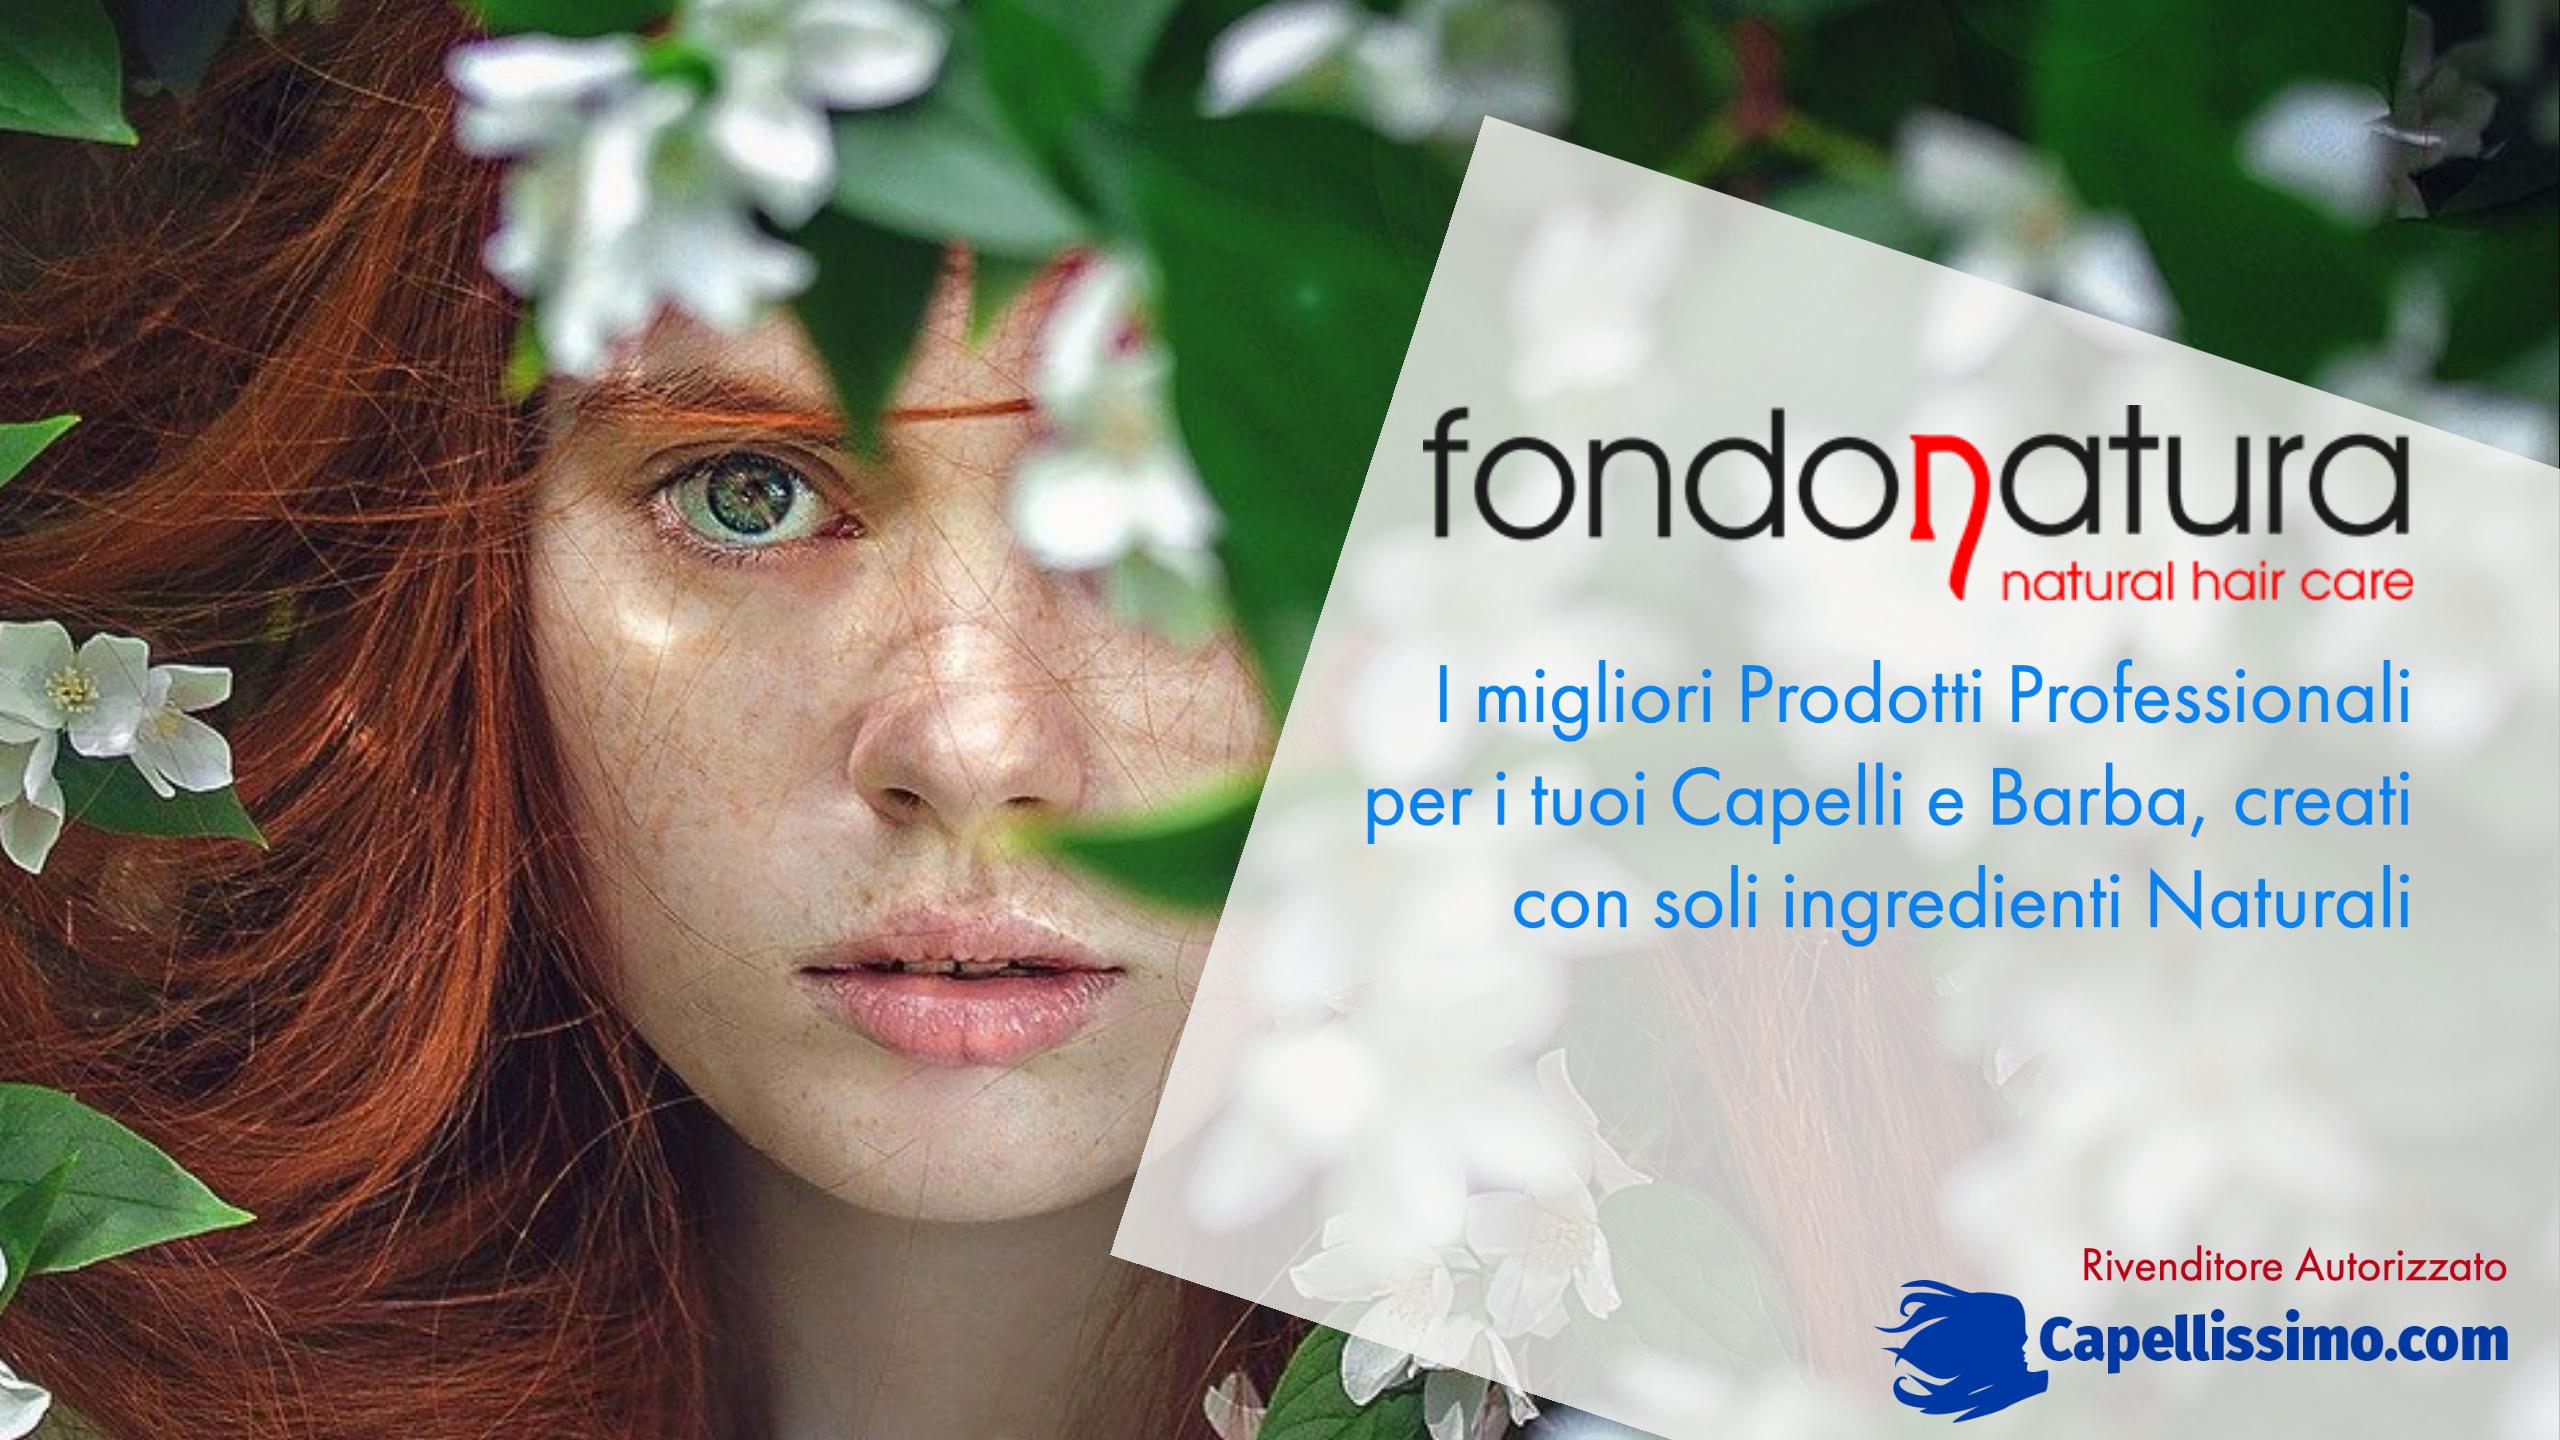 fondonatura shop online